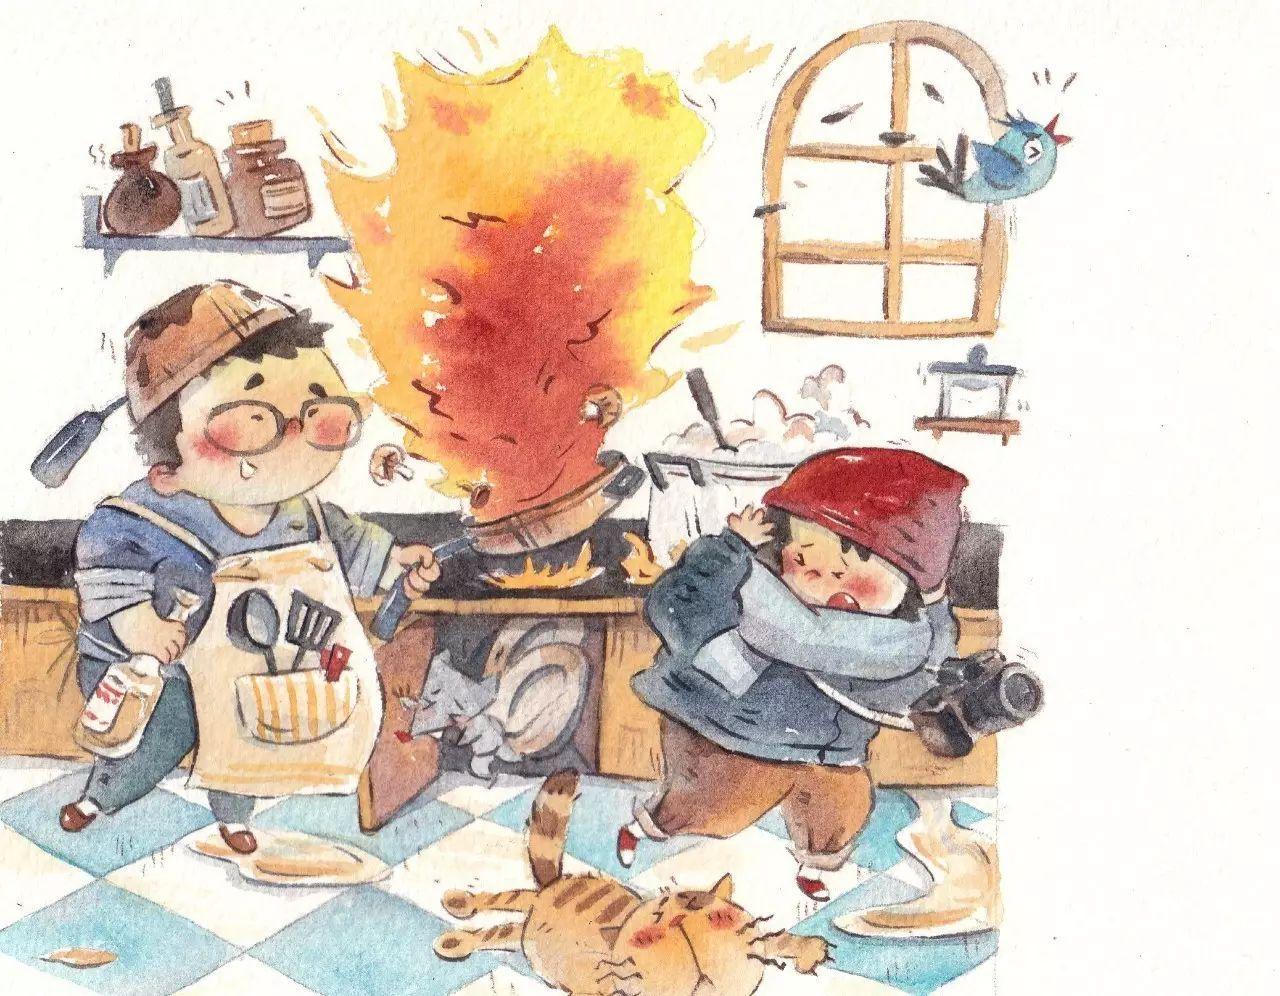 文化 正文  主题: 超萌儿童水彩手绘,带你回到小时候重温孩童时代的小